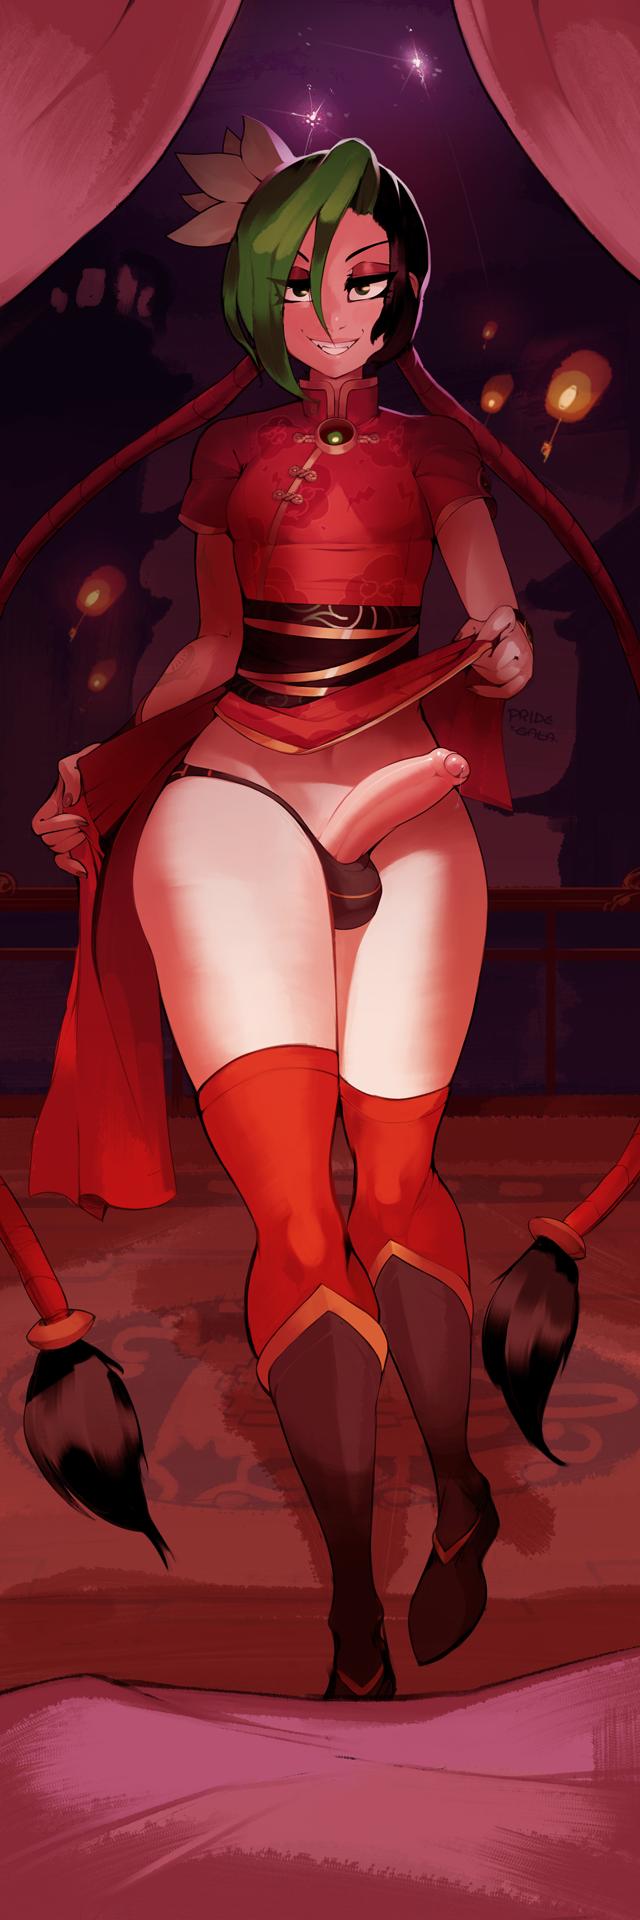 league super evil voltar of Hunter x hunter porn comic